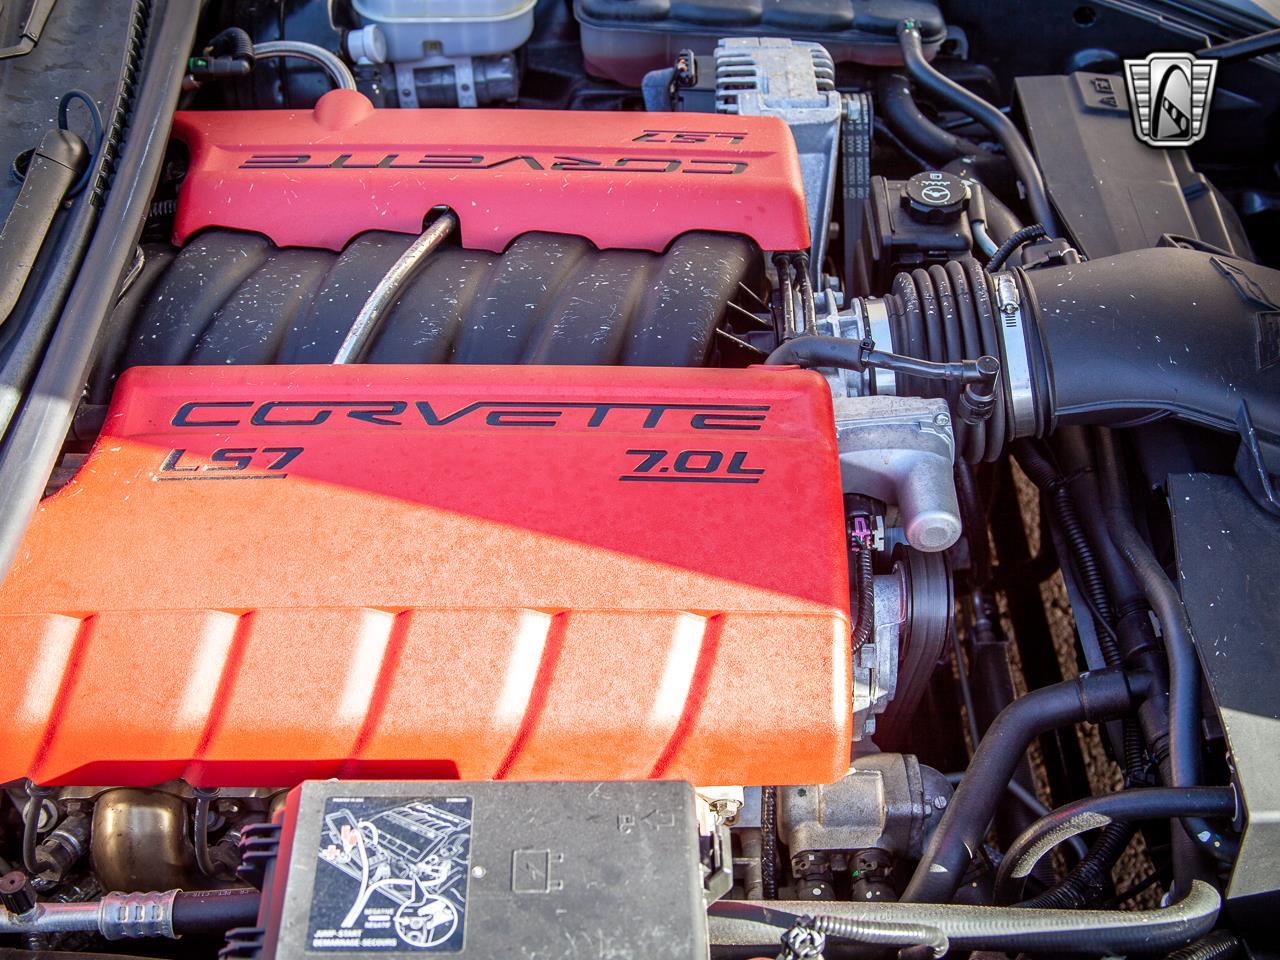 2013 Chevrolet Corvette (CC-1341034) for sale in O'Fallon, Illinois